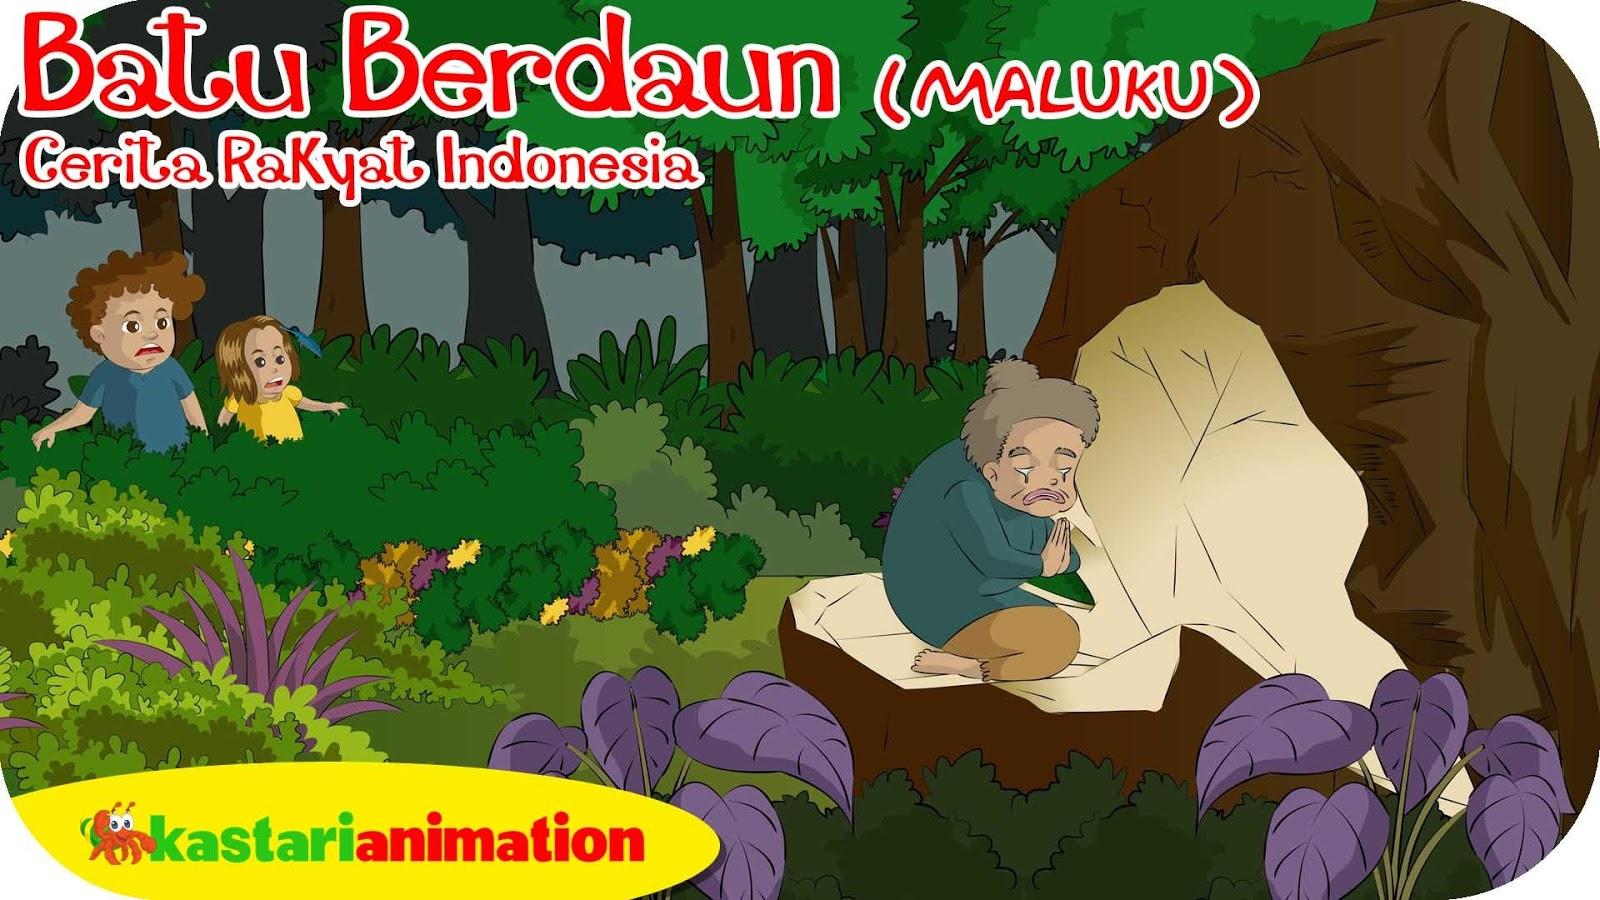 Batu Badaong Maluku Folklore Kebun Cerita